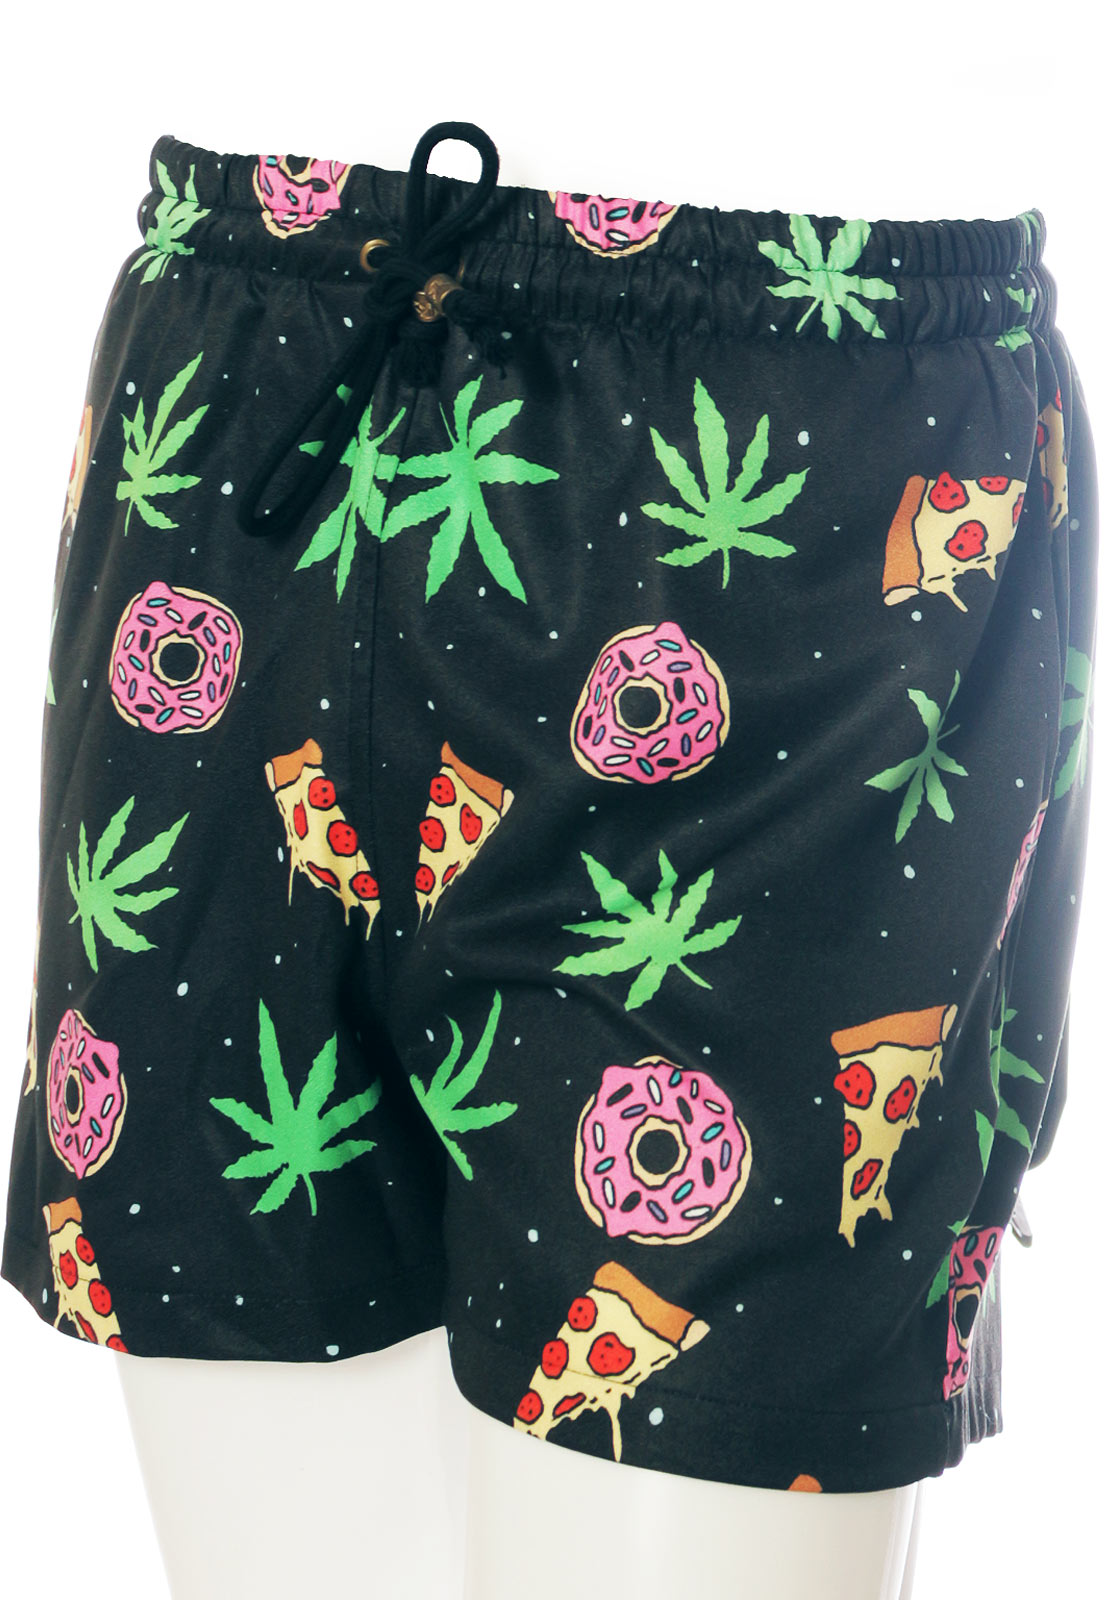 Shorts Estampado Legalize Sem Gênero Black Mary Jane Preto